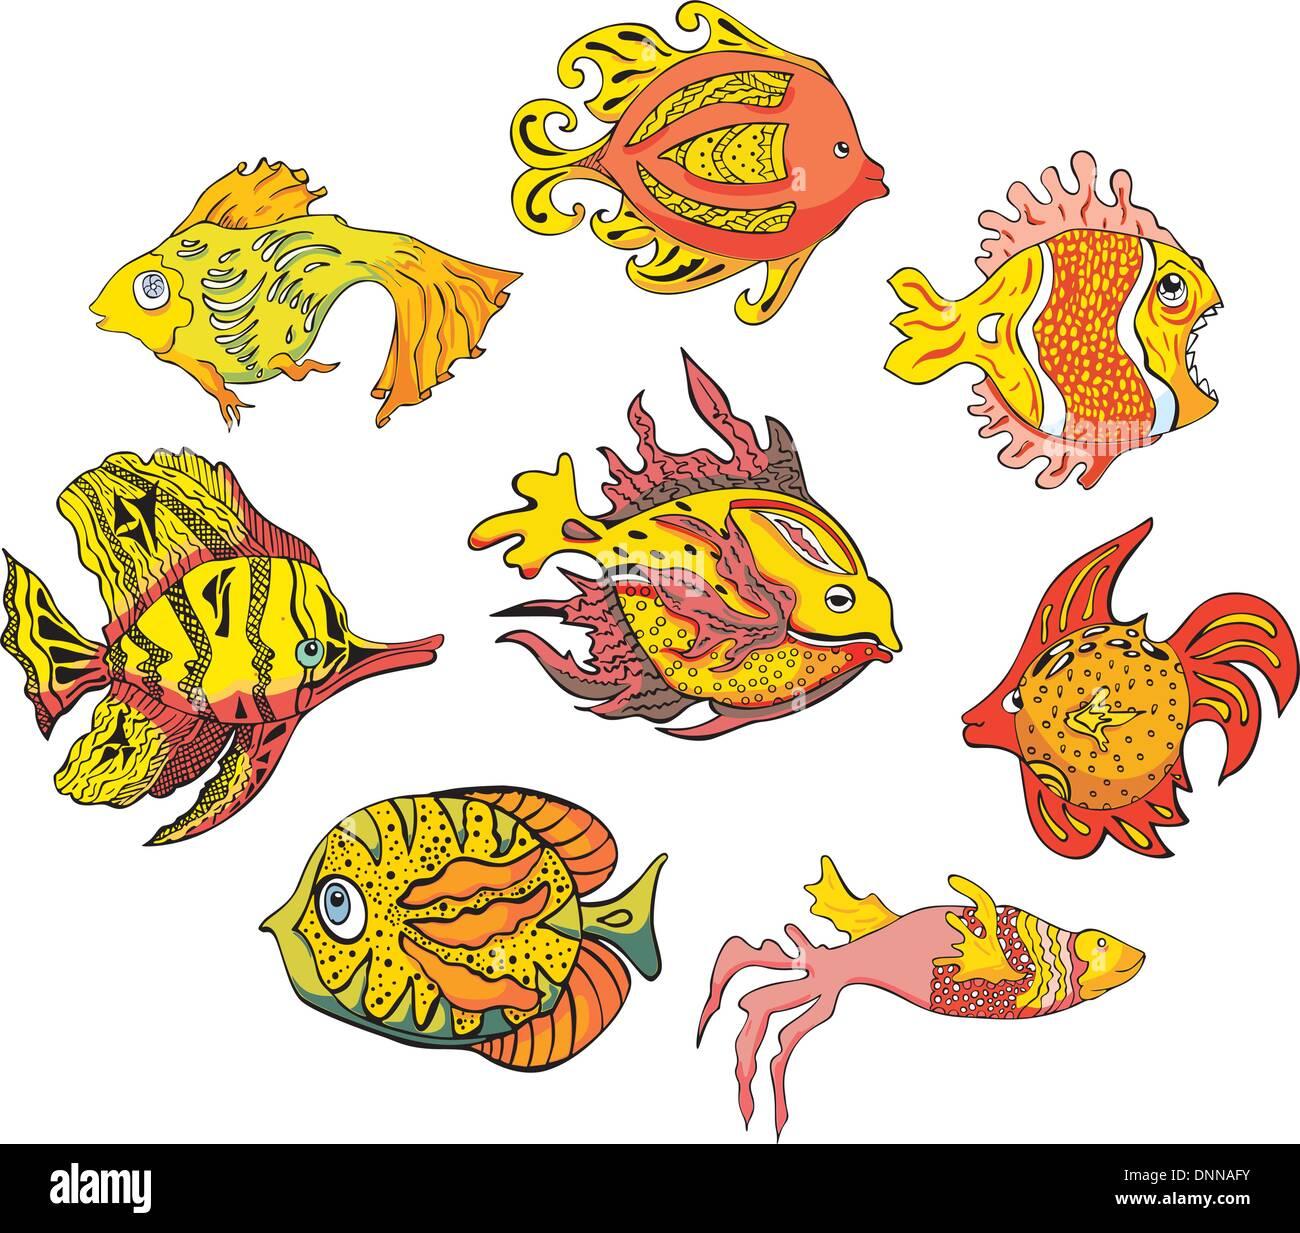 Peces tropicales multicolores. Conjunto de color ilustraciones vectoriales. Imagen De Stock